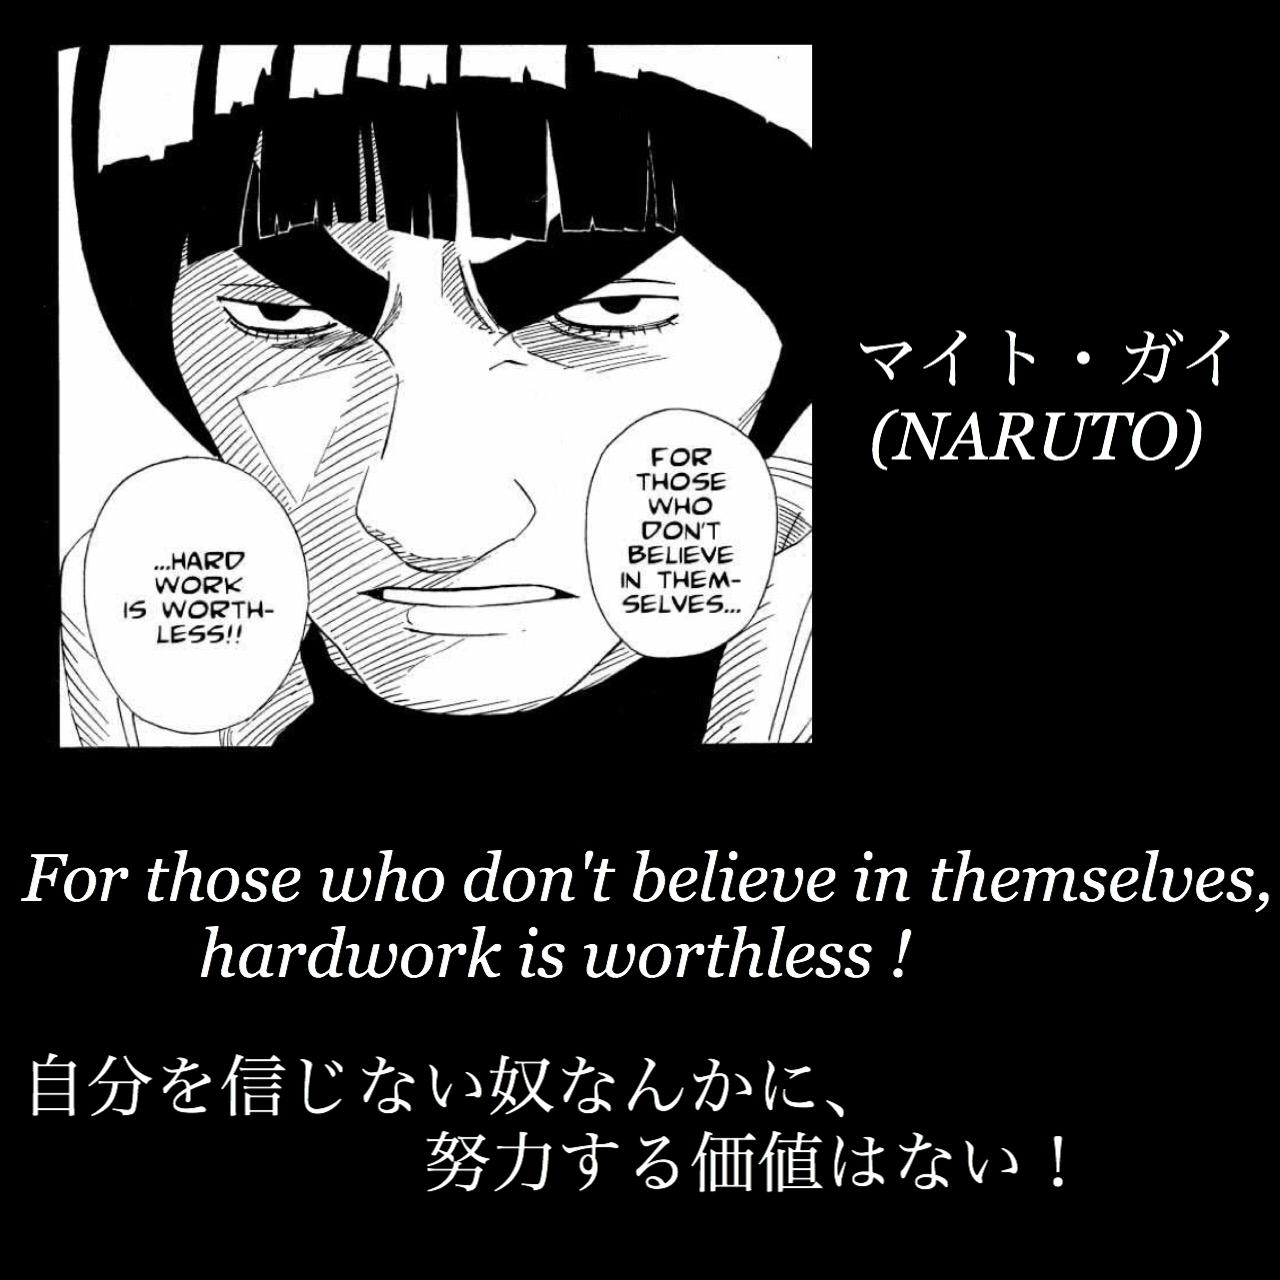 自分を信じない奴なんかに、努力する価値はない!/ マイト・ガイ(NARUTO)